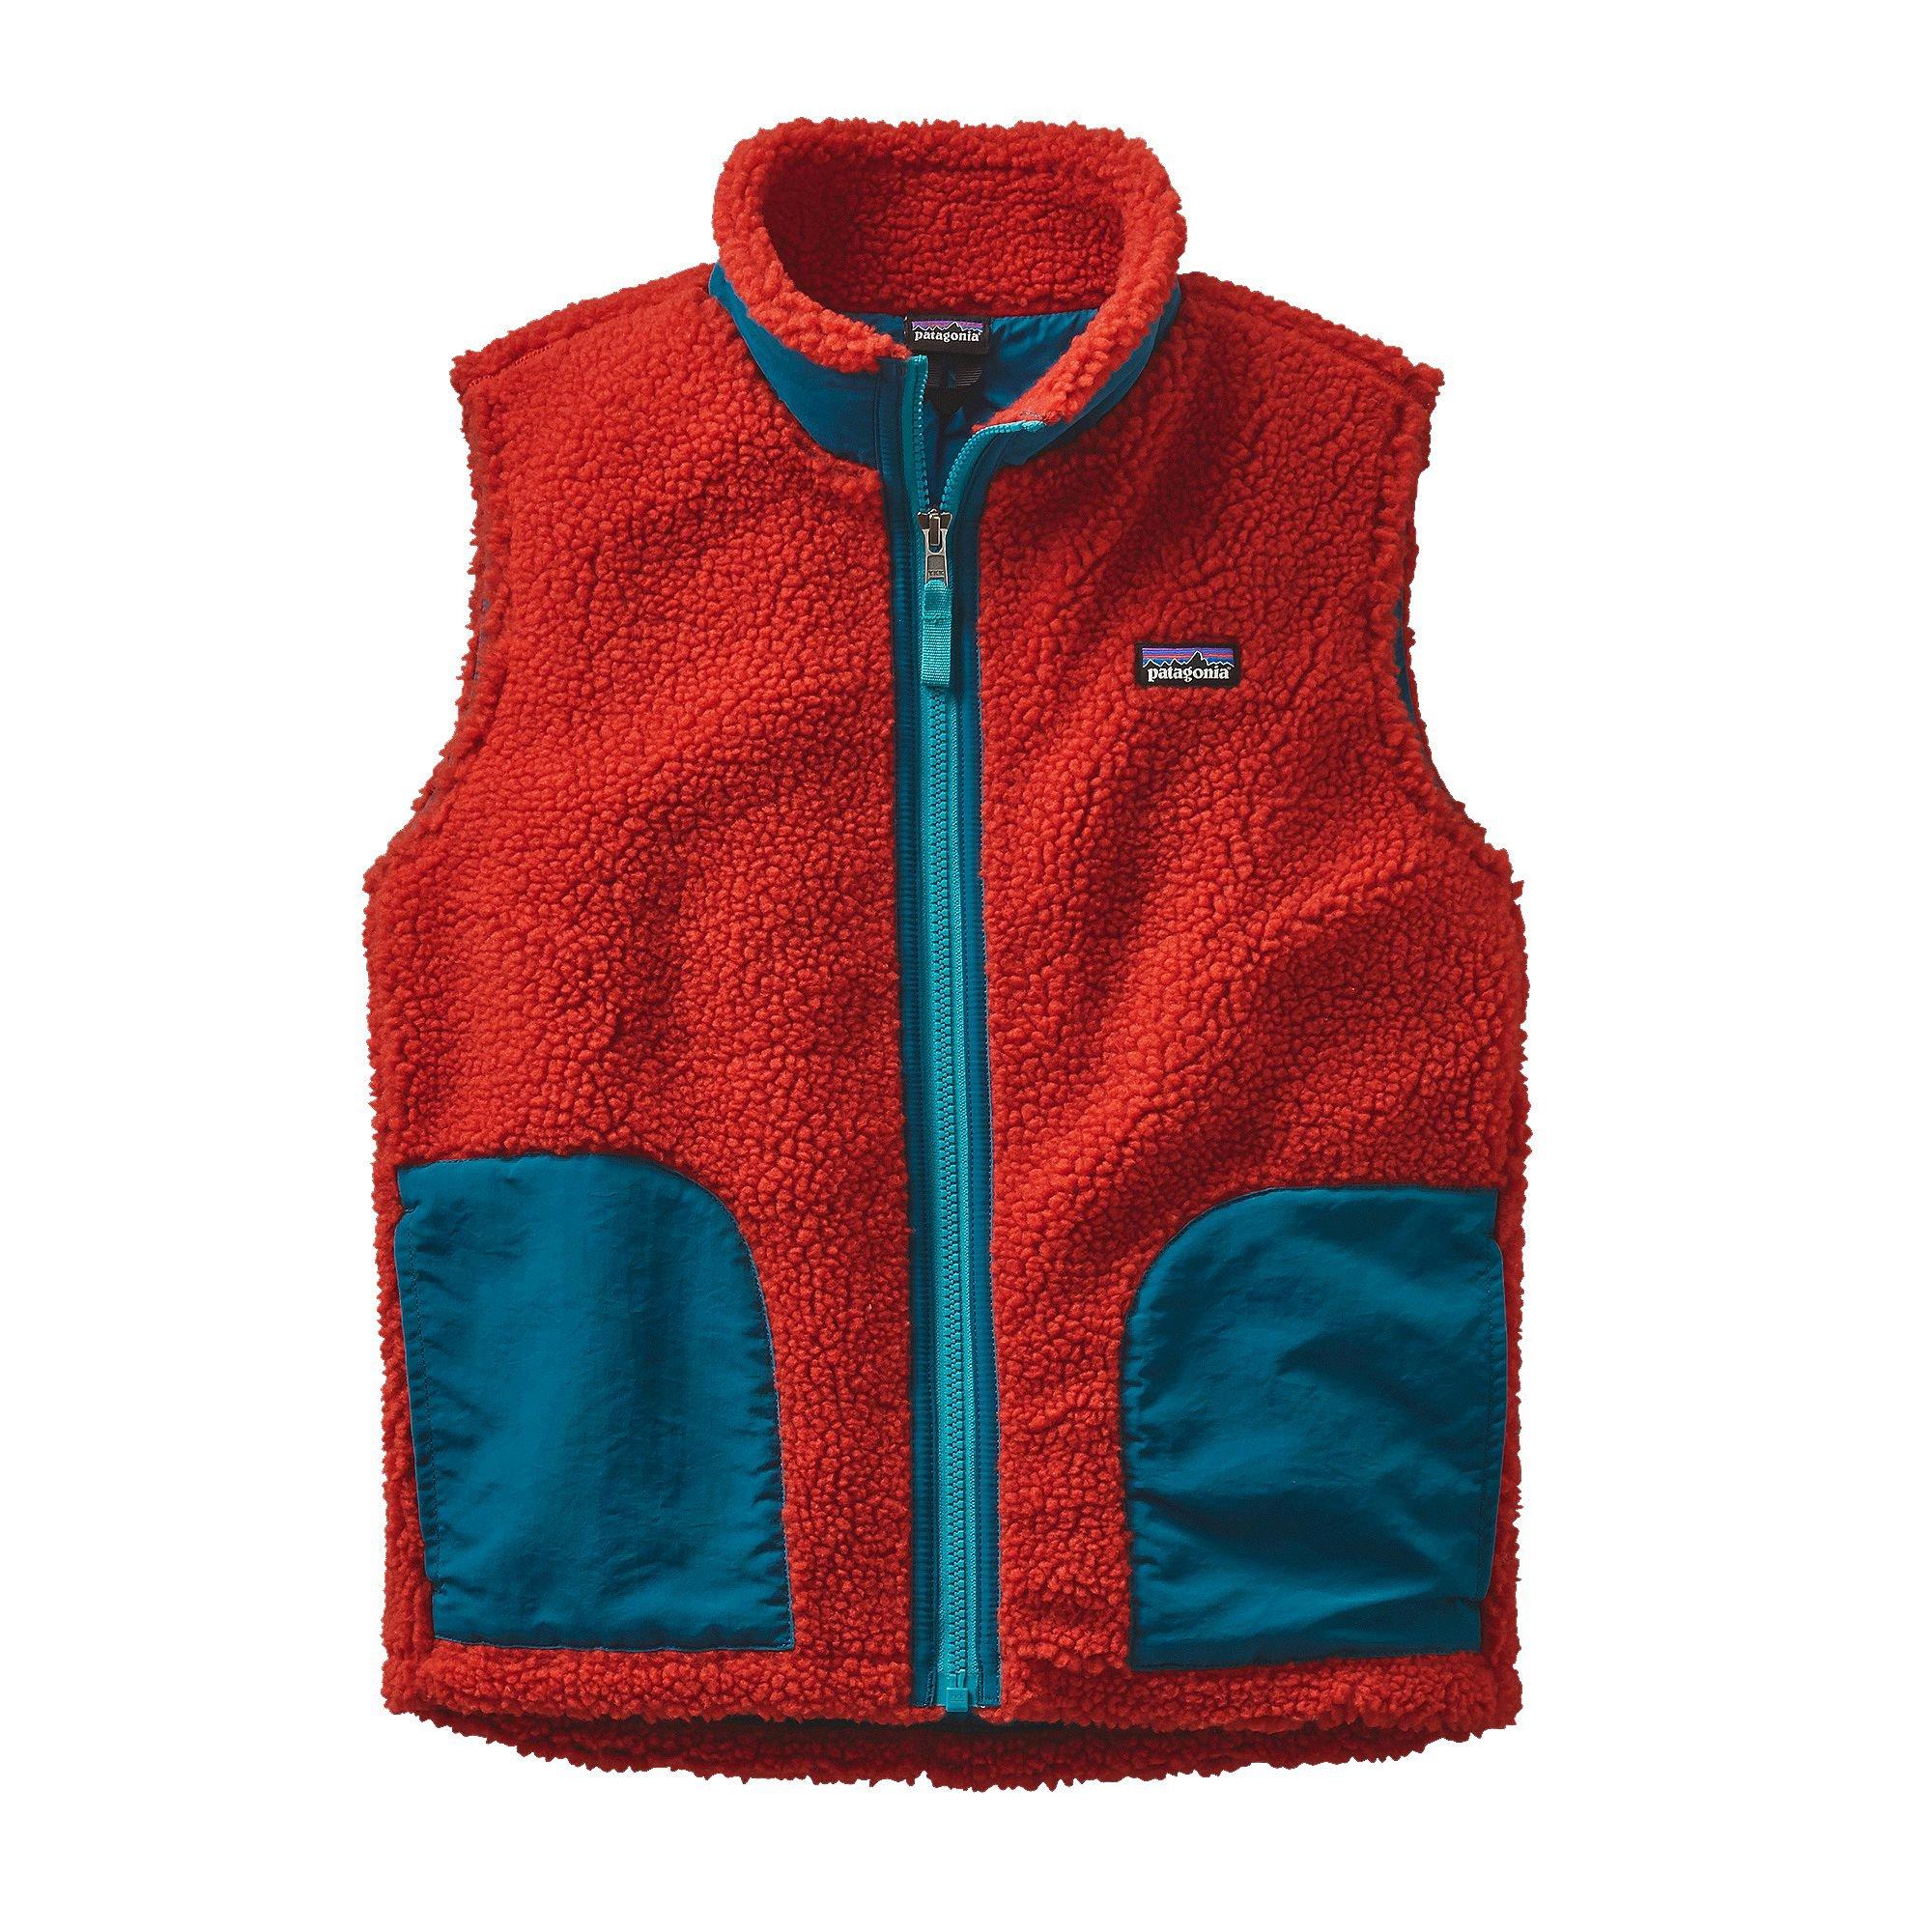 Patagonia Boys' Retro-X Vest Ramble Red L by Patagonia